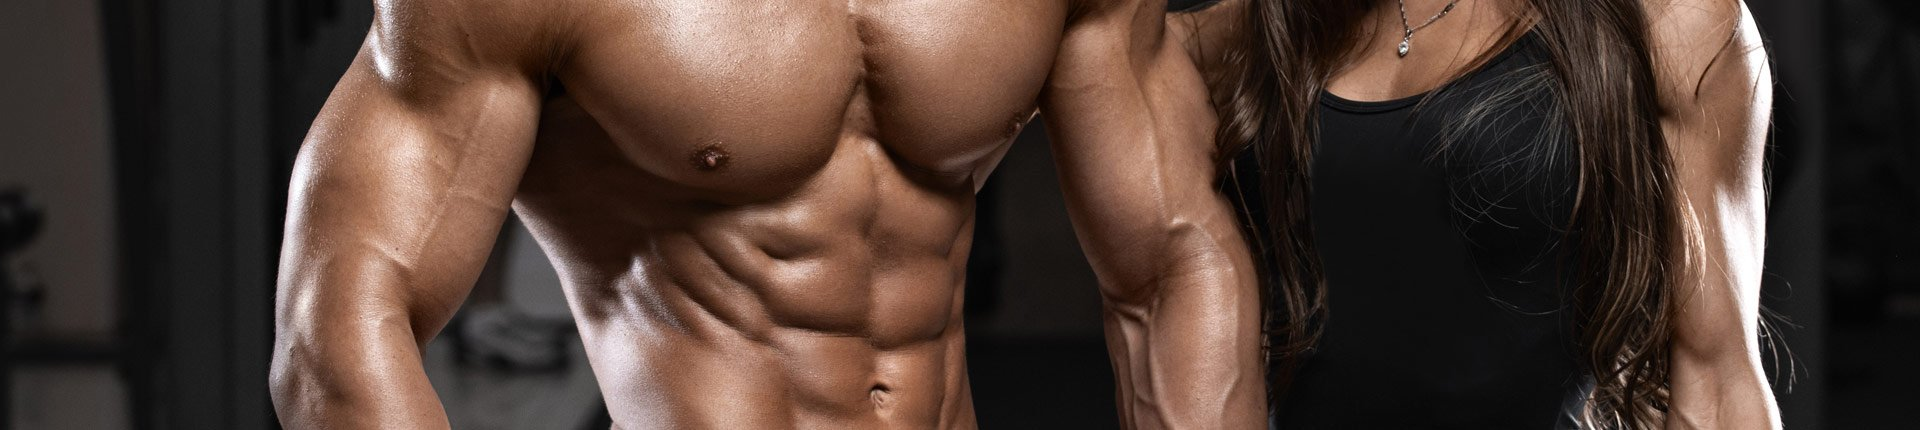 Budowanie mięśni u kobiet i mężczyzn. Na czym polegają różnice?